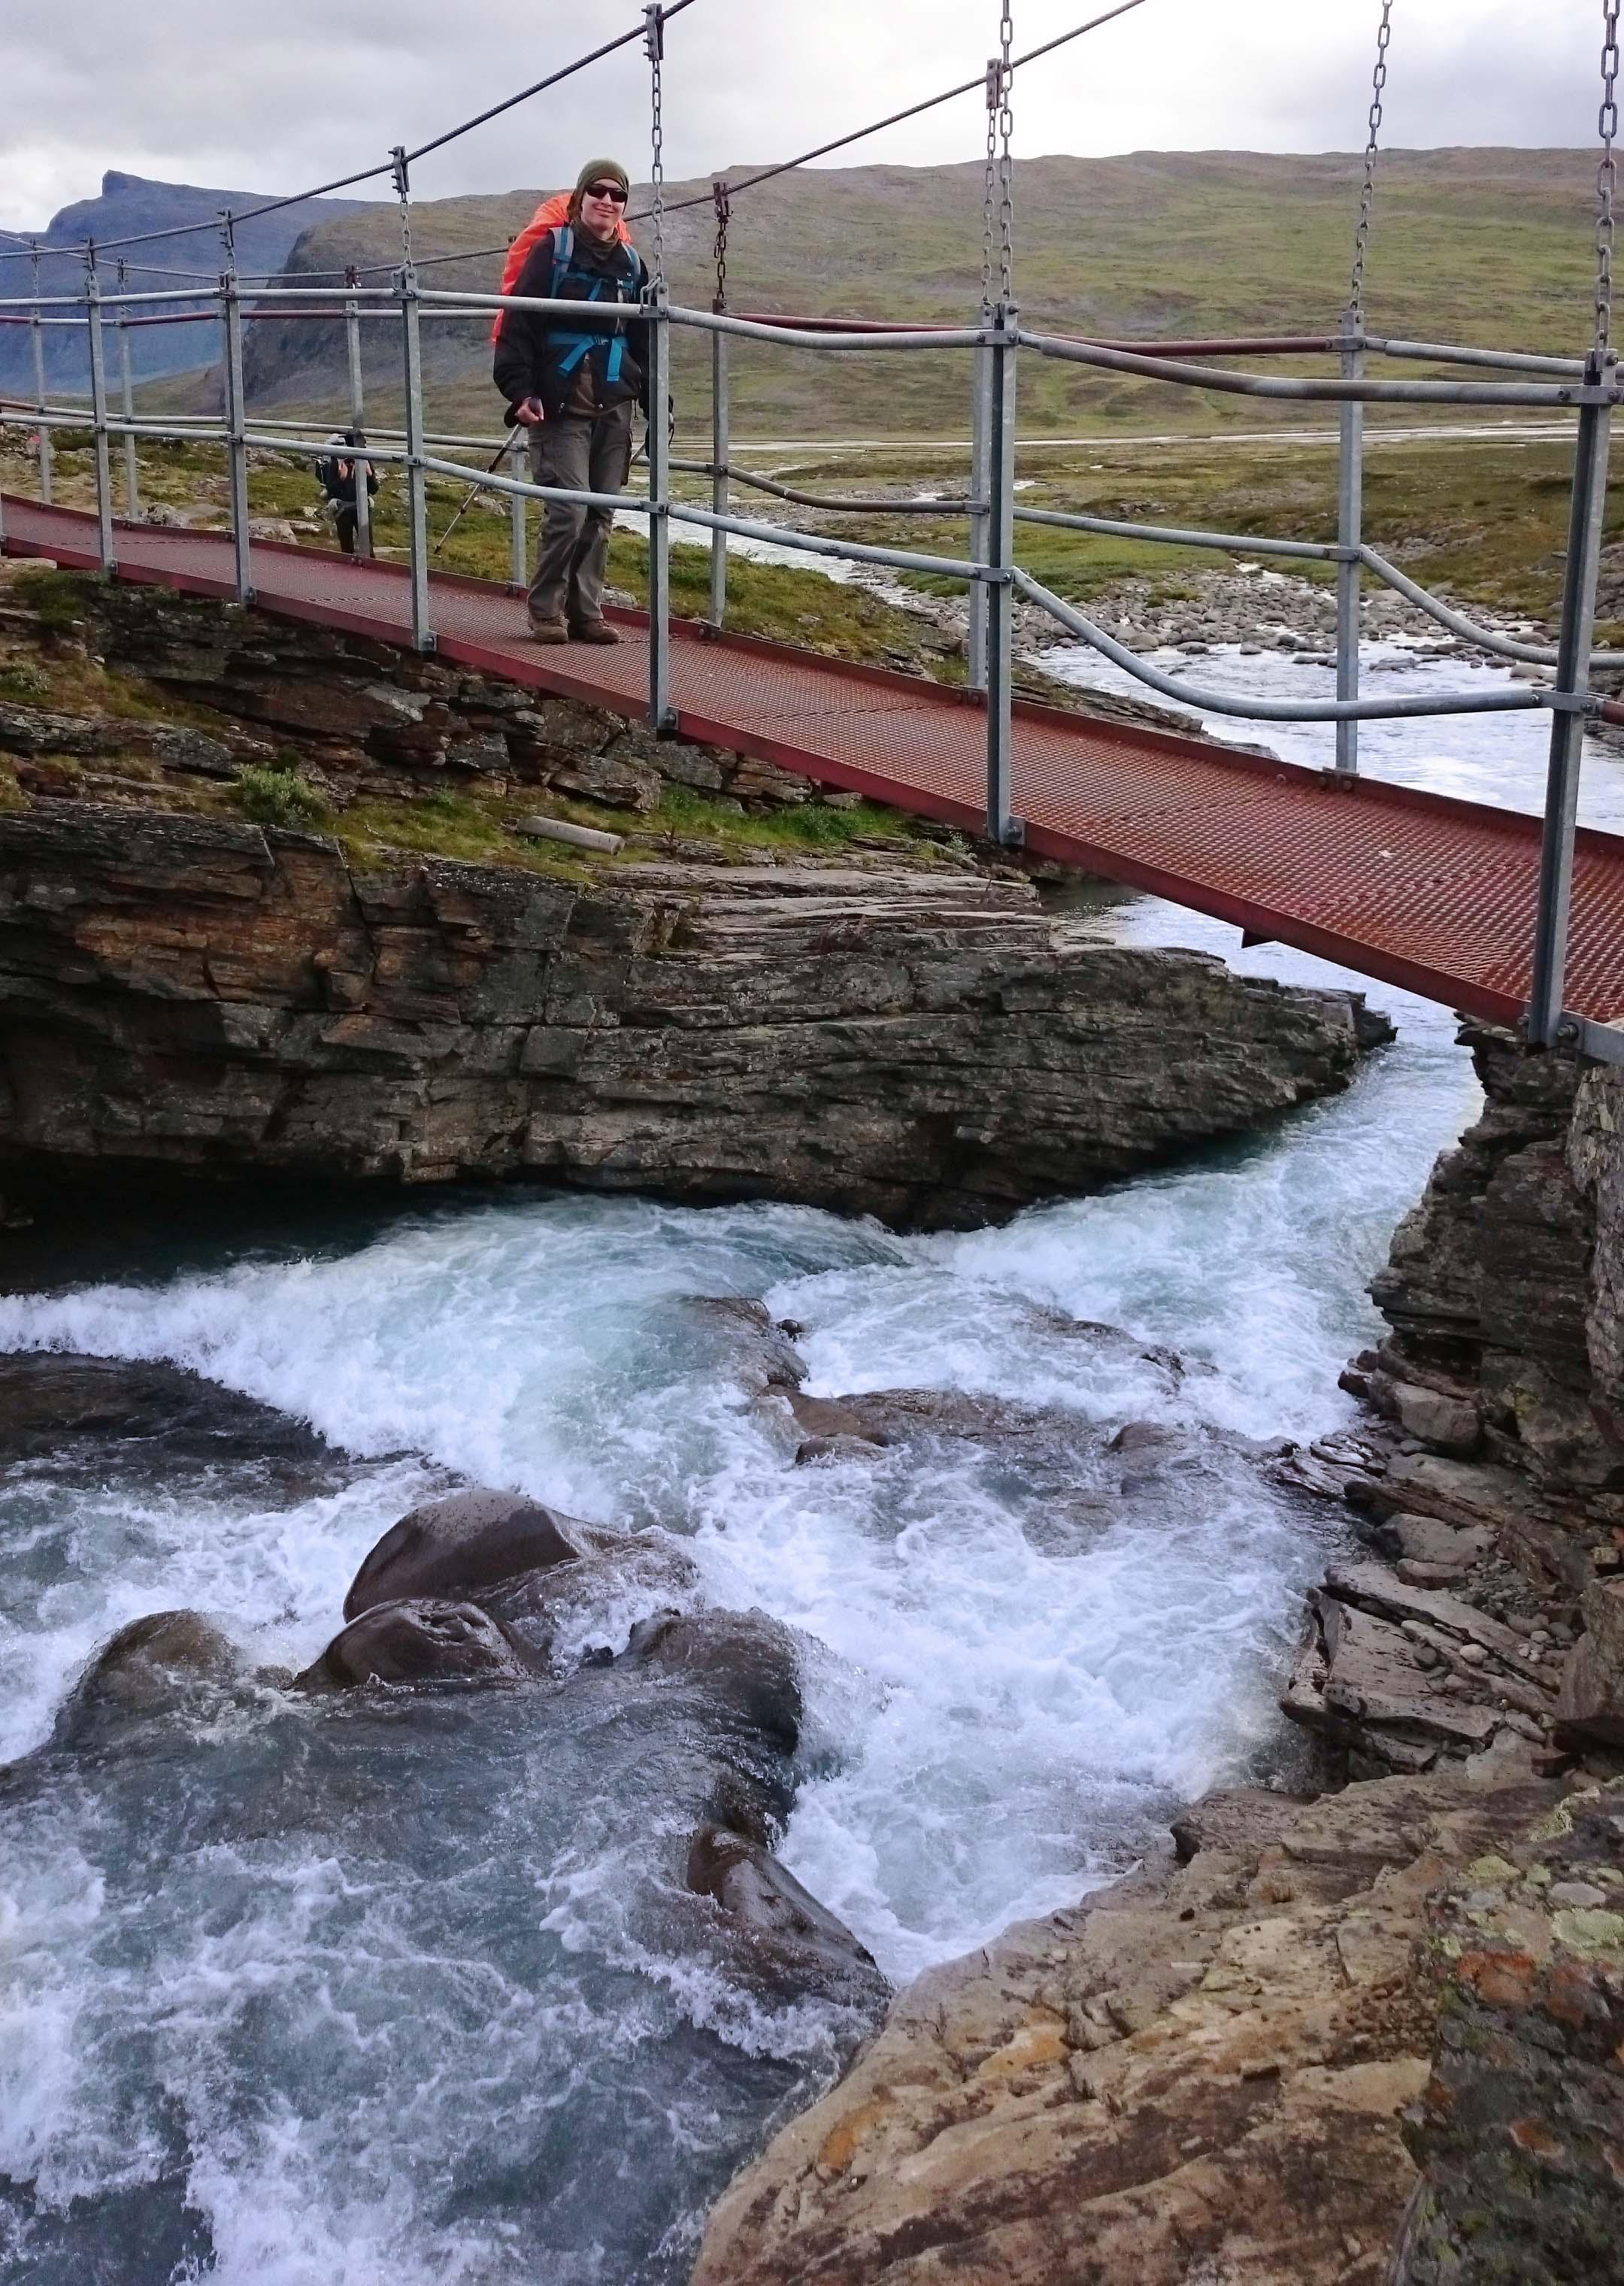 Néha lehetett csalni is, mert voltak hidak a folyók felett, és nem kellett szügyig belegázolni a zéró fokba. :)